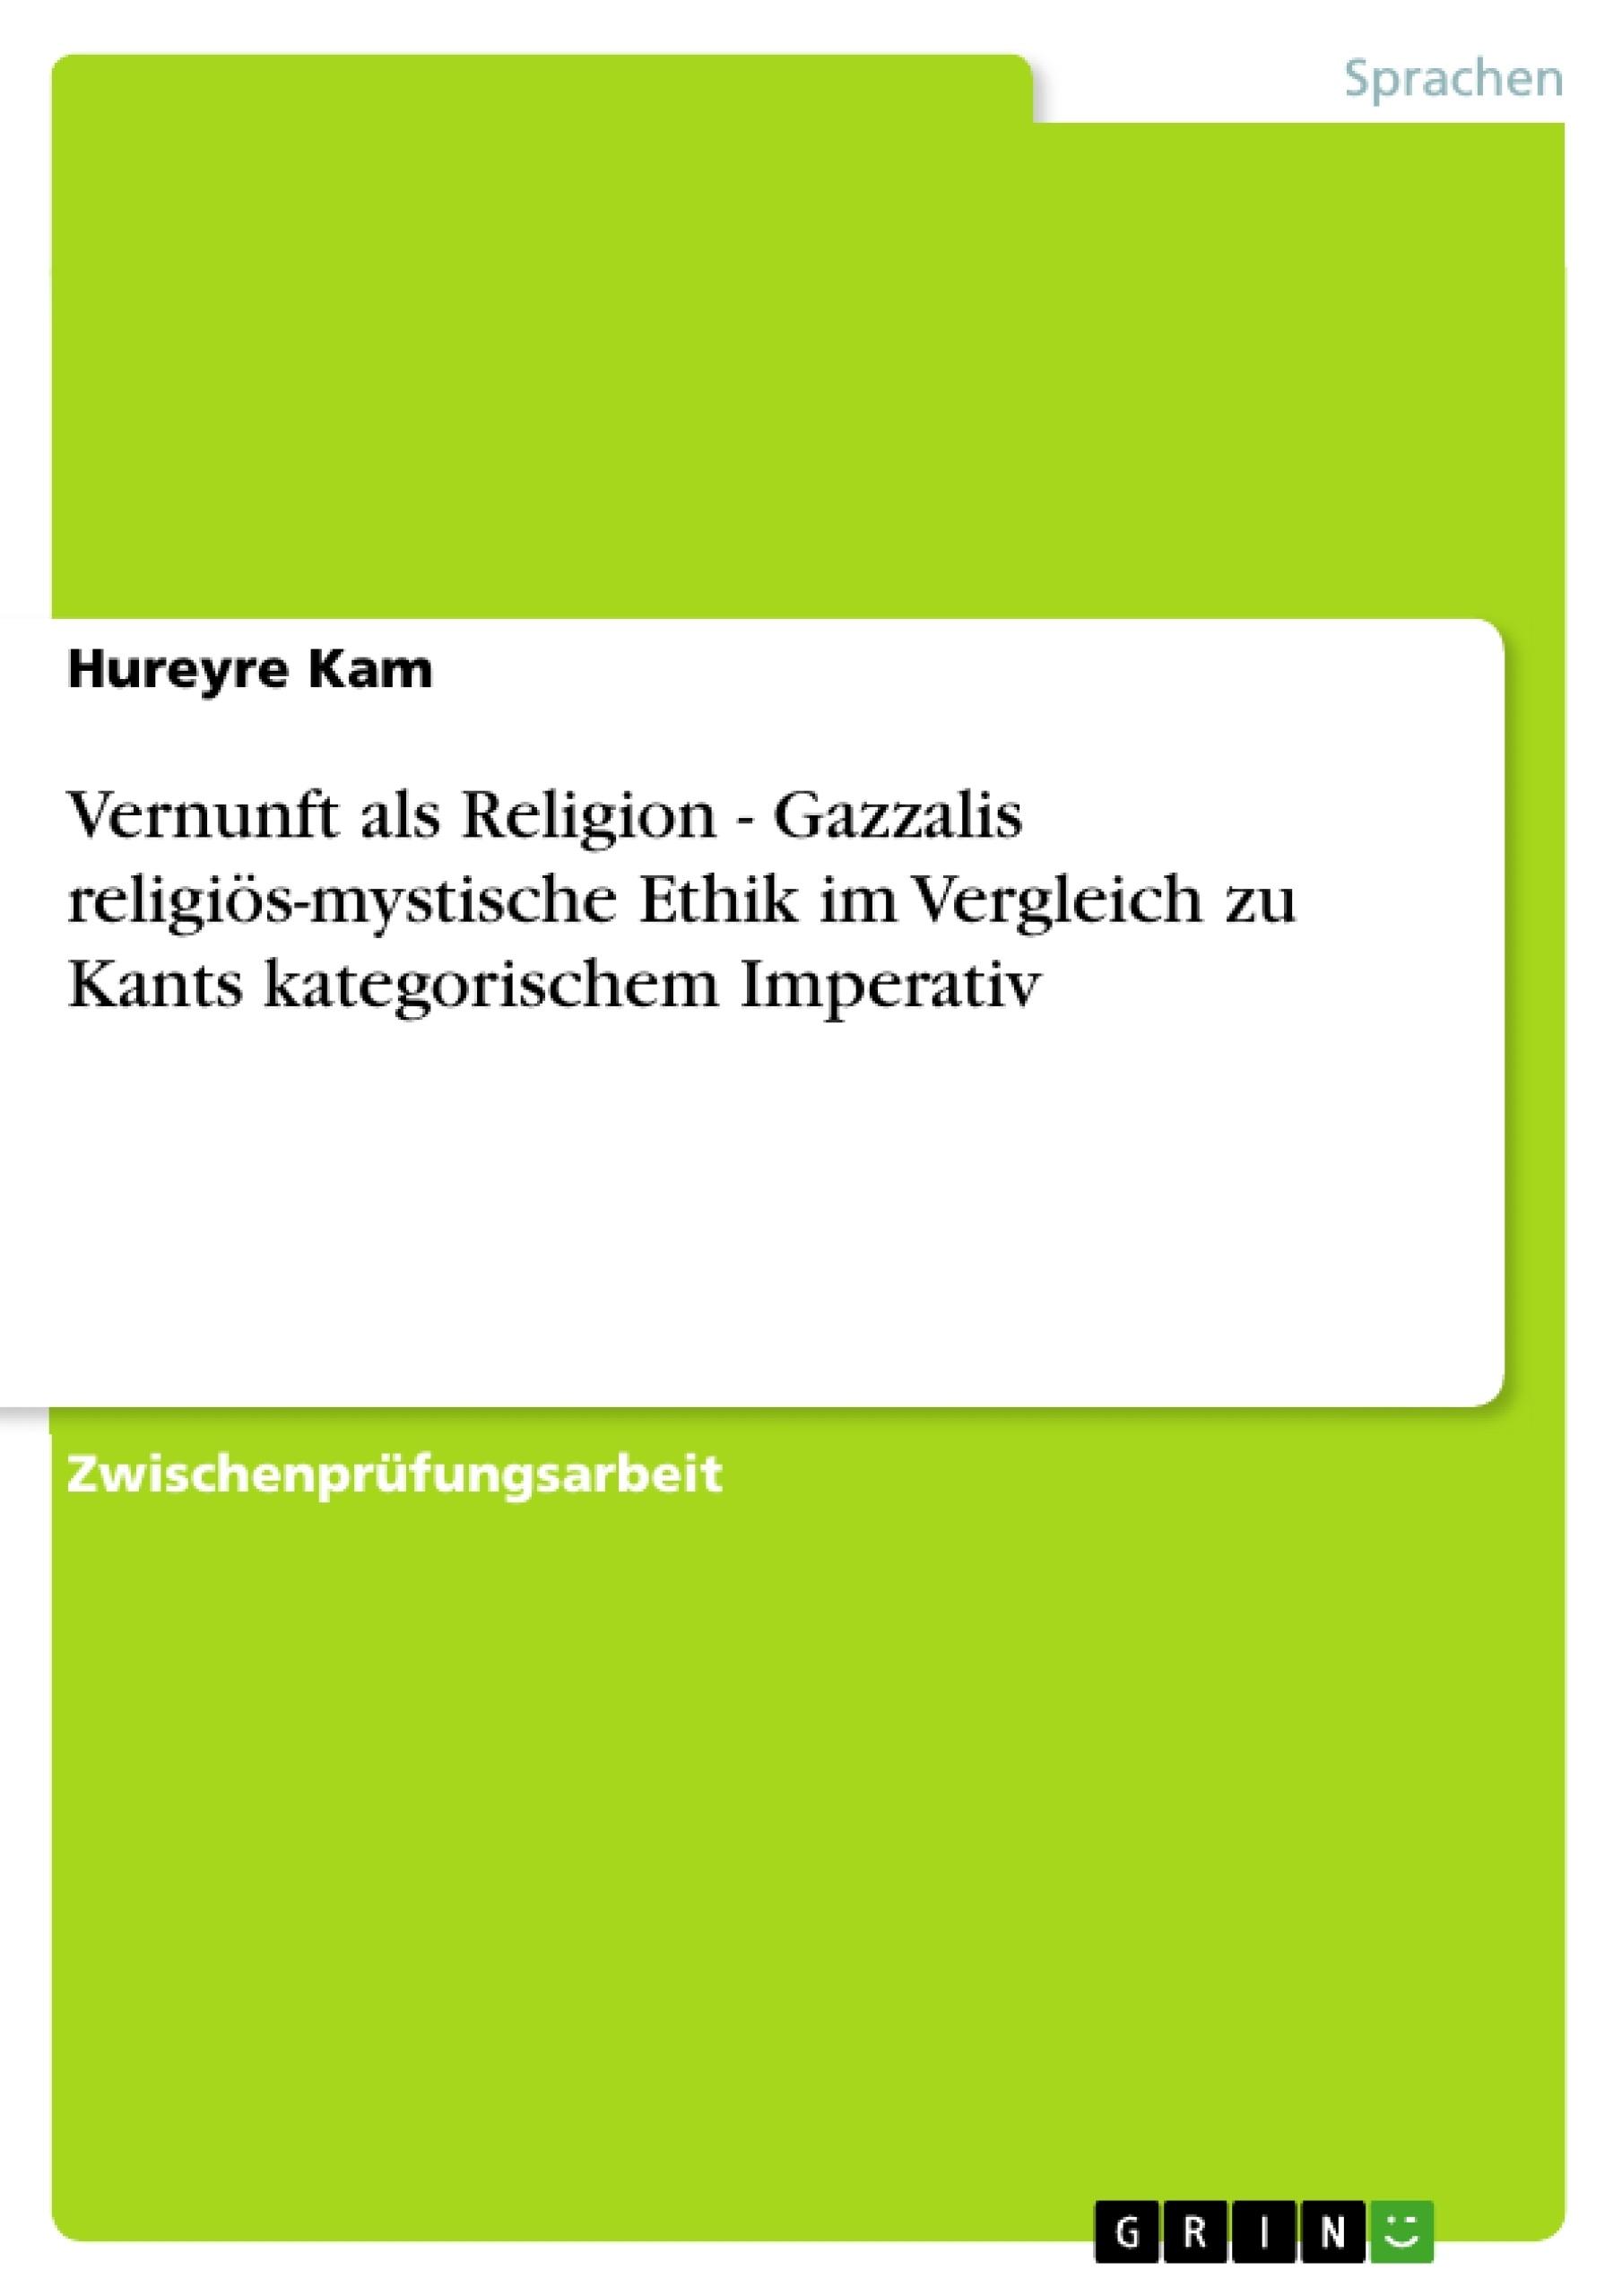 Titel: Vernunft als Religion - Gazzalis religiös-mystische Ethik im Vergleich zu Kants kategorischem Imperativ